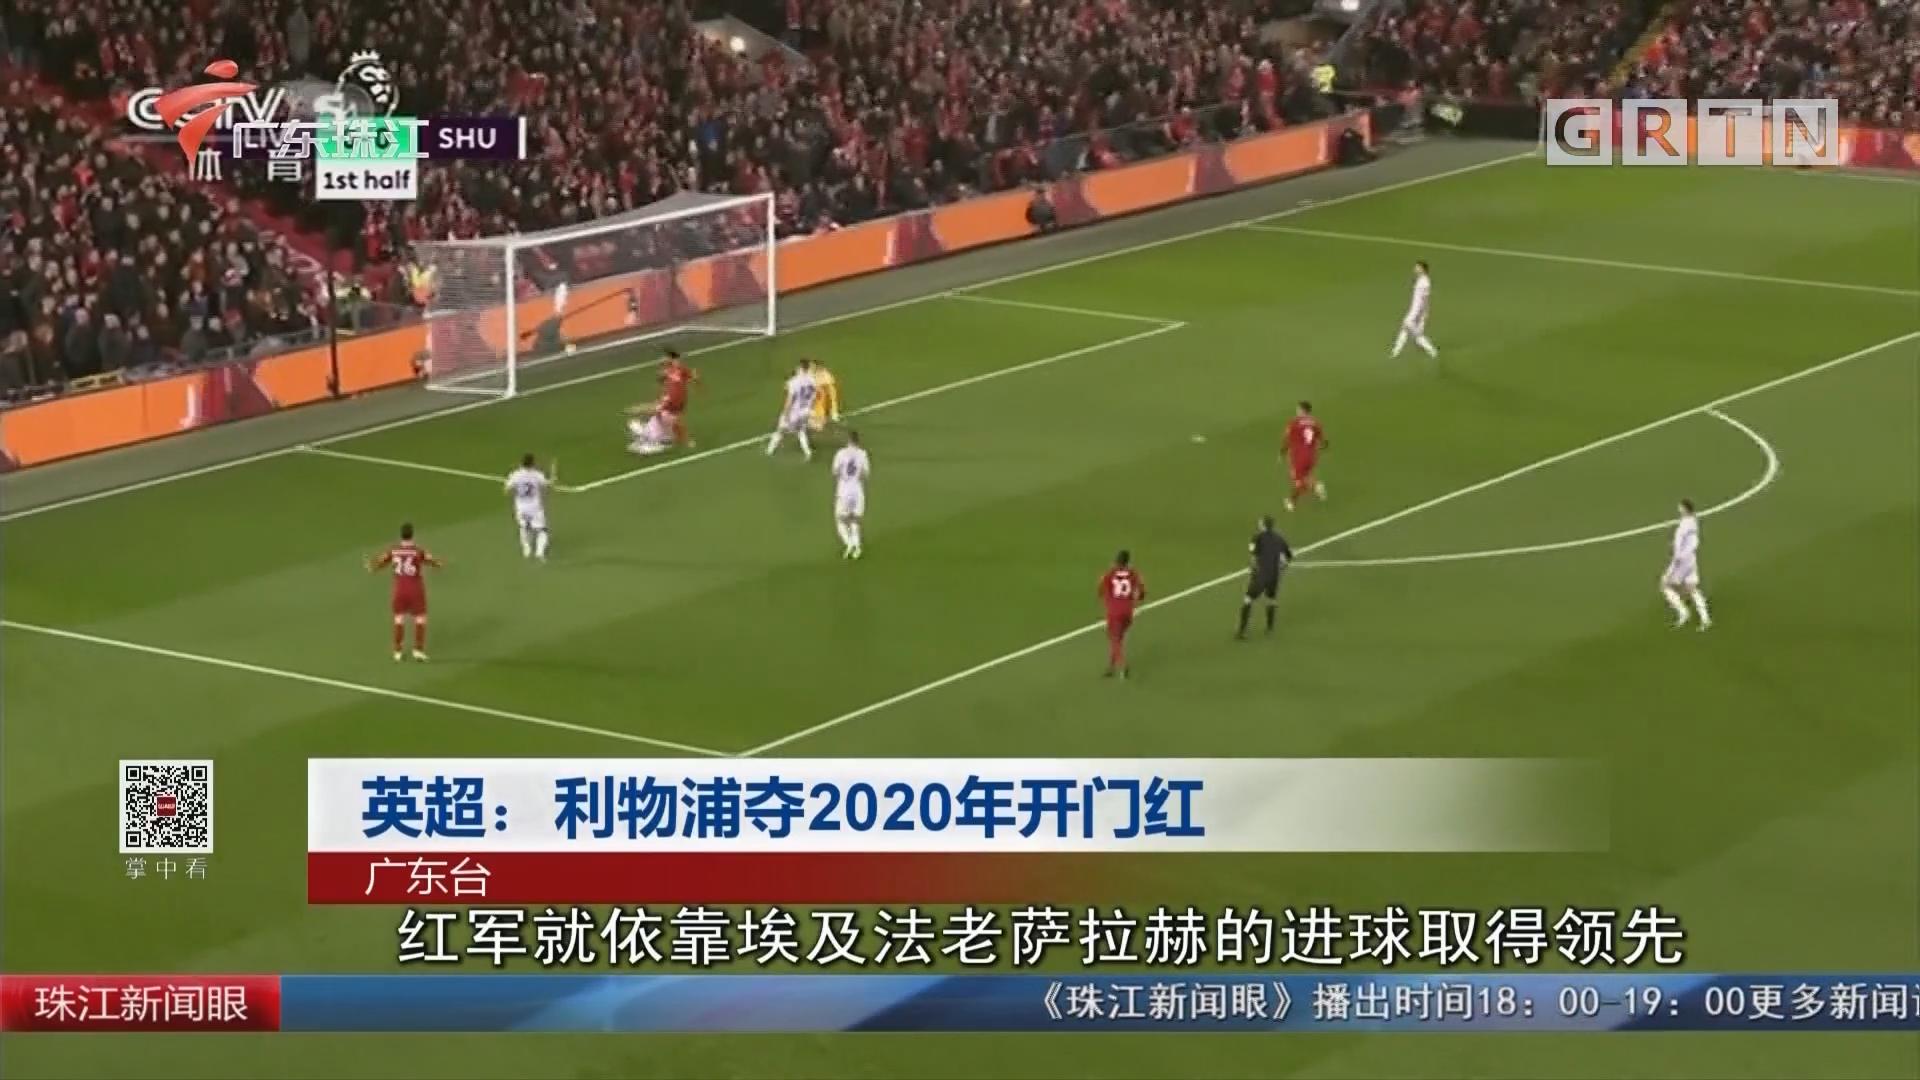 英超:利物浦夺2020年开门红